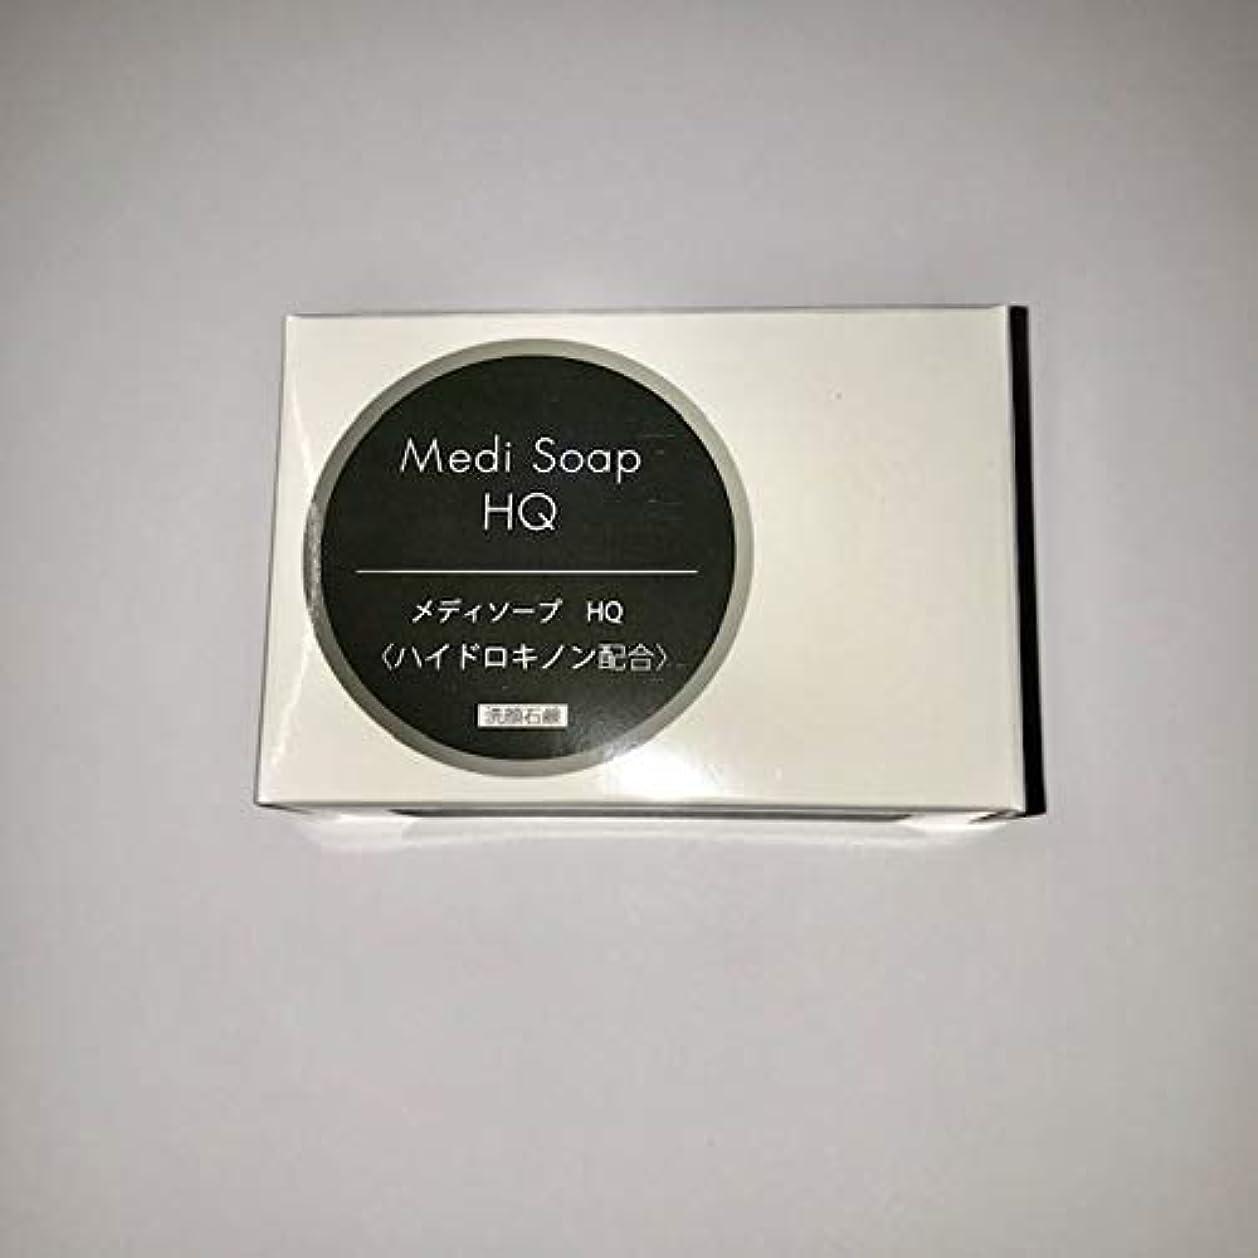 キャップアグネスグレイ欠伸メディソープHQ 100g ハイドロキノン2%配合 洗顔石鹸 ジェイ?ヒューイット製